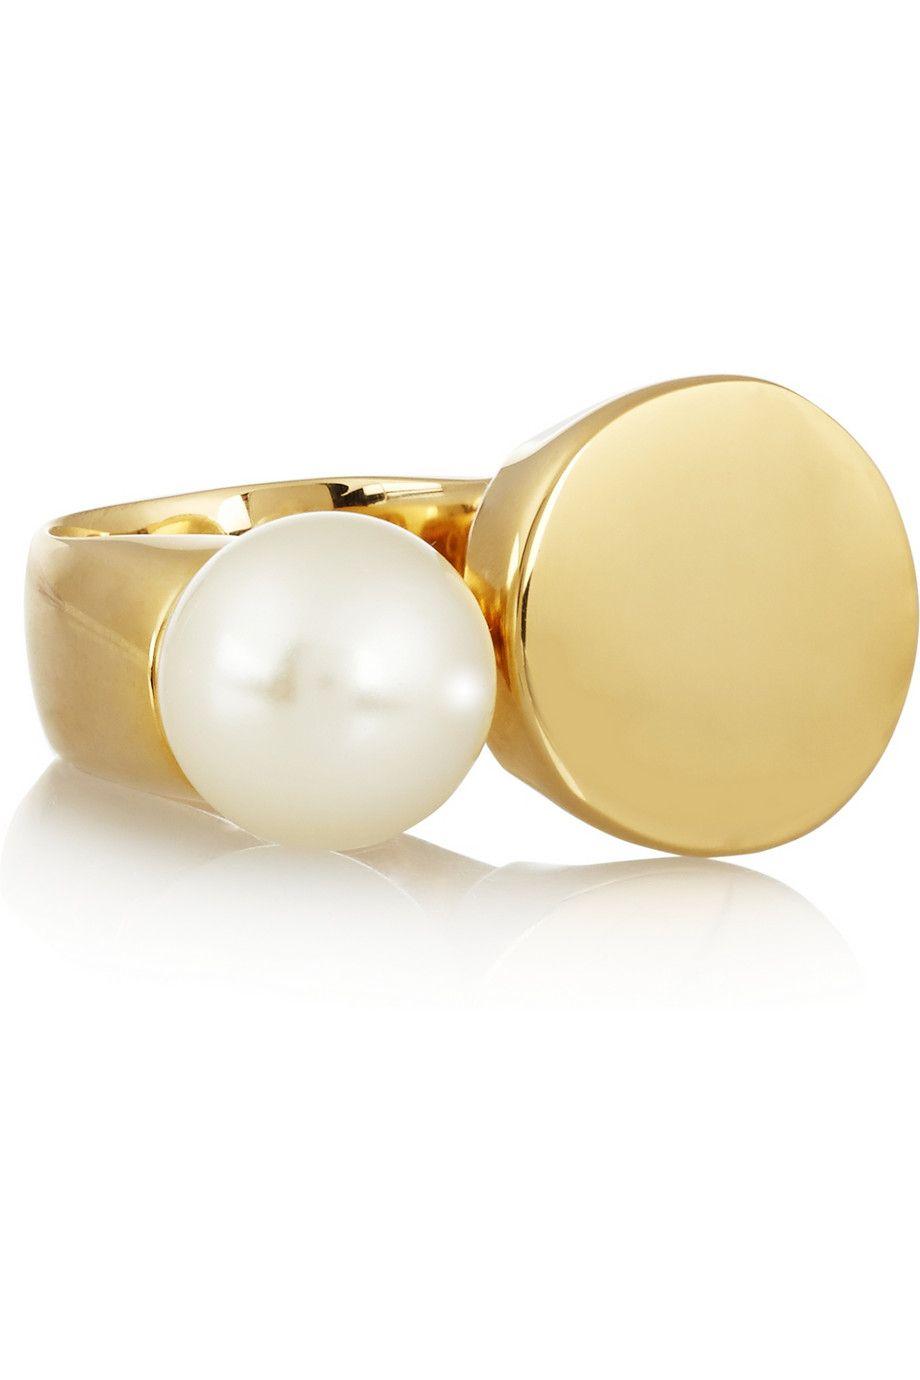 Chloé – Darcey gold-tone Swarovski pearl ring